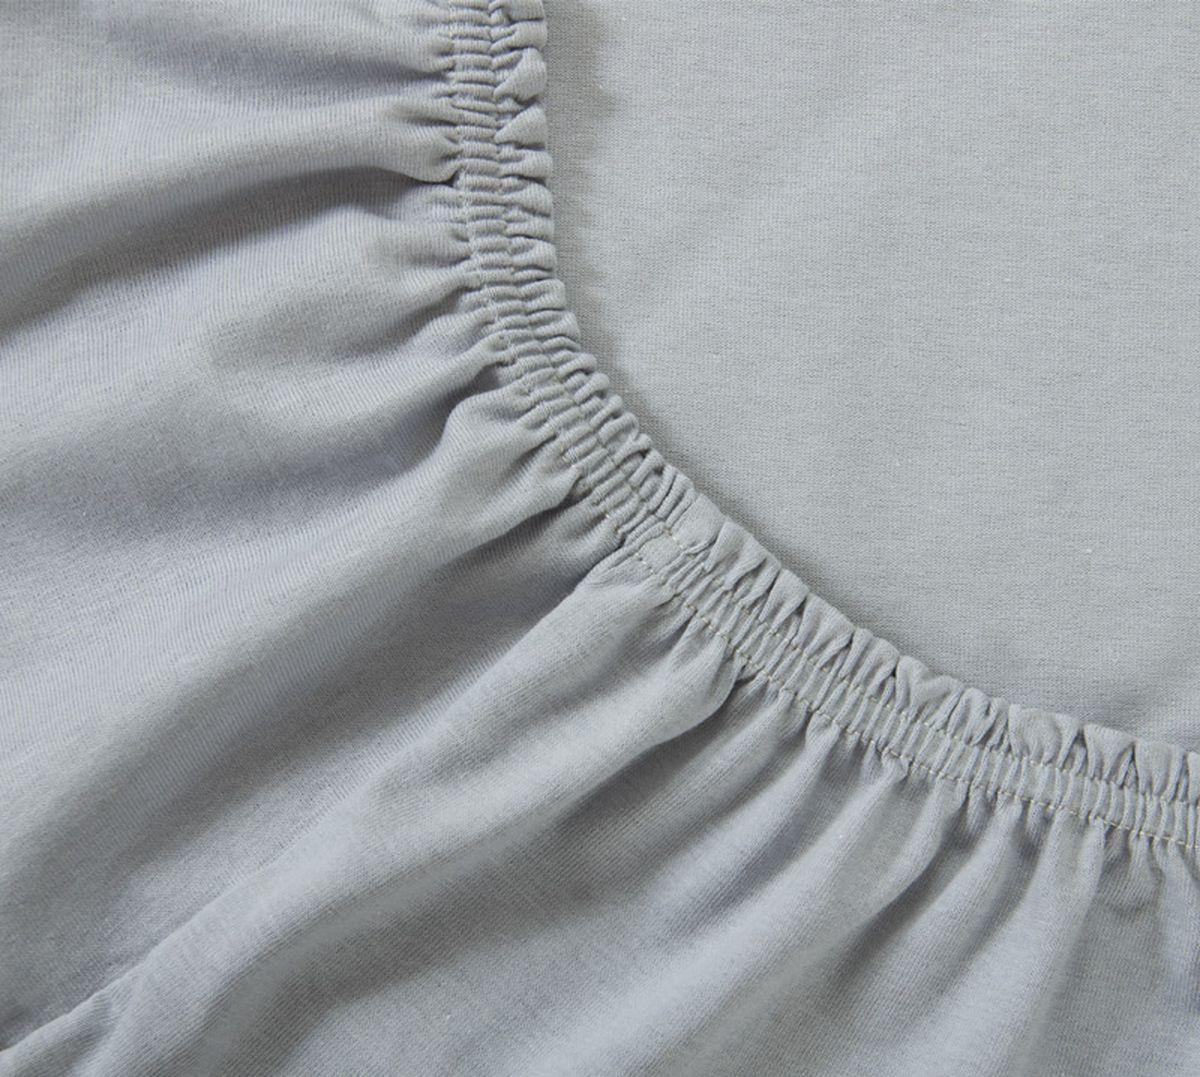 Простыня Текс-Дизайн, на резинке, цвет: серый, 180 х 200 х 20 смМ 1175Простыня Текс-Дизайн изготовлена из трикотажа высокого качества, состоящего на 100% из хлопка. По всему периметру простыня снабжена резинкой, что обеспечивает комфортный отдых, и избавляет от неприятных ощущений скомкавшейся во время сна изделия. Простыня легко одевается на матрасы высотой до 20 см. Идеально подходит в качестве наматрасника.Трикотаж эластичен и растяжим, практически не мнется и не теряет форму после стирки. И кроме того он очень красиво выглядит и приятен на ощупь.